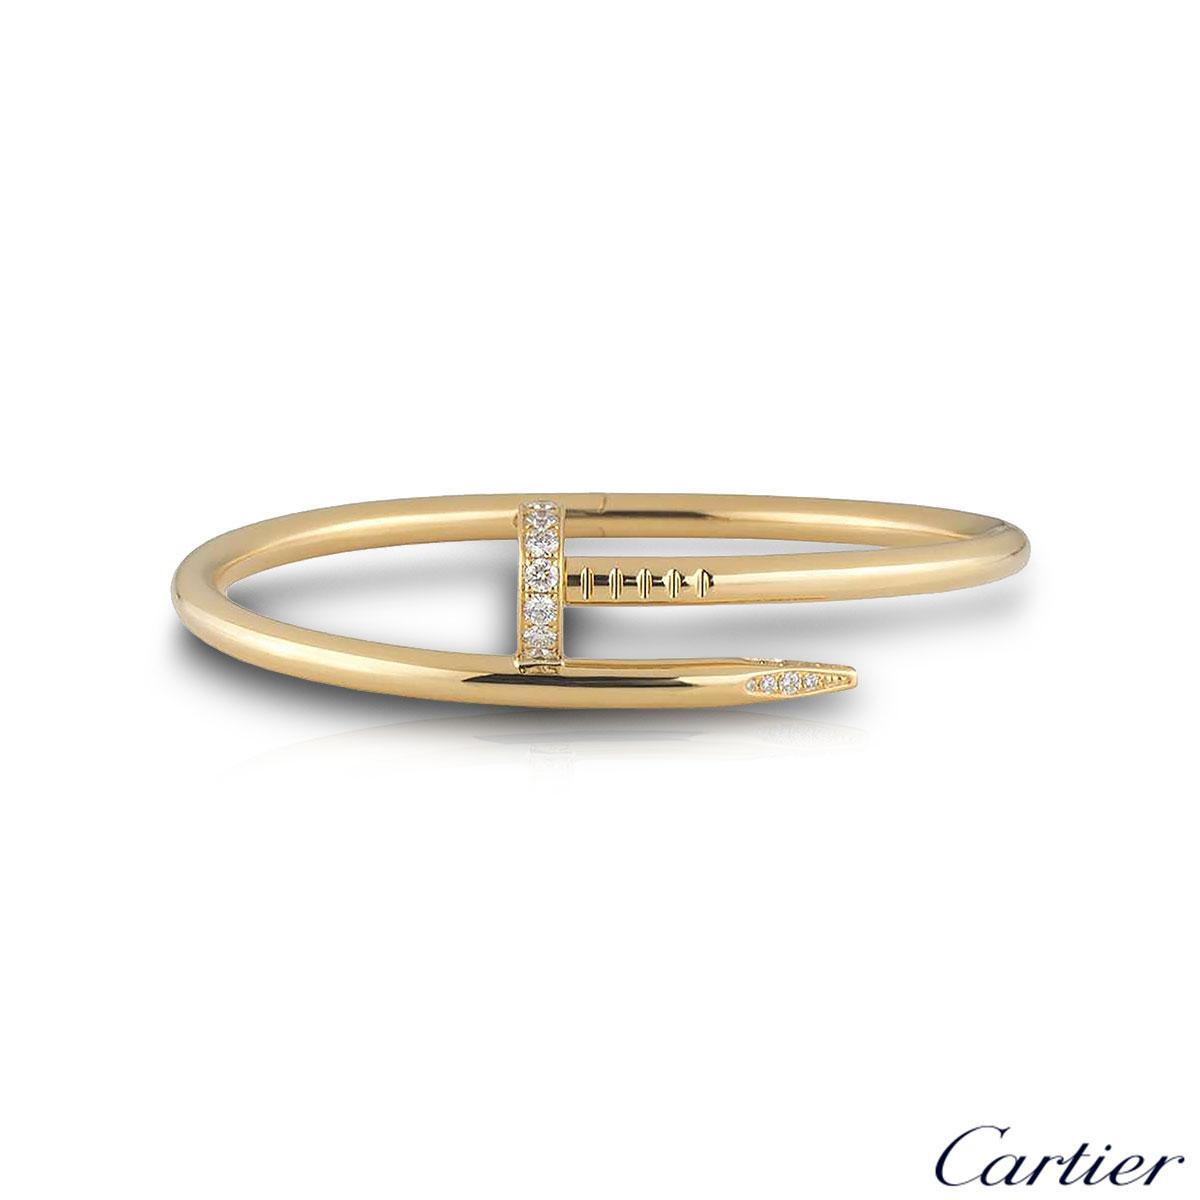 Cartier Yellow Gold Diamond Juste Un Clou Bracelet Size 15 B6048615